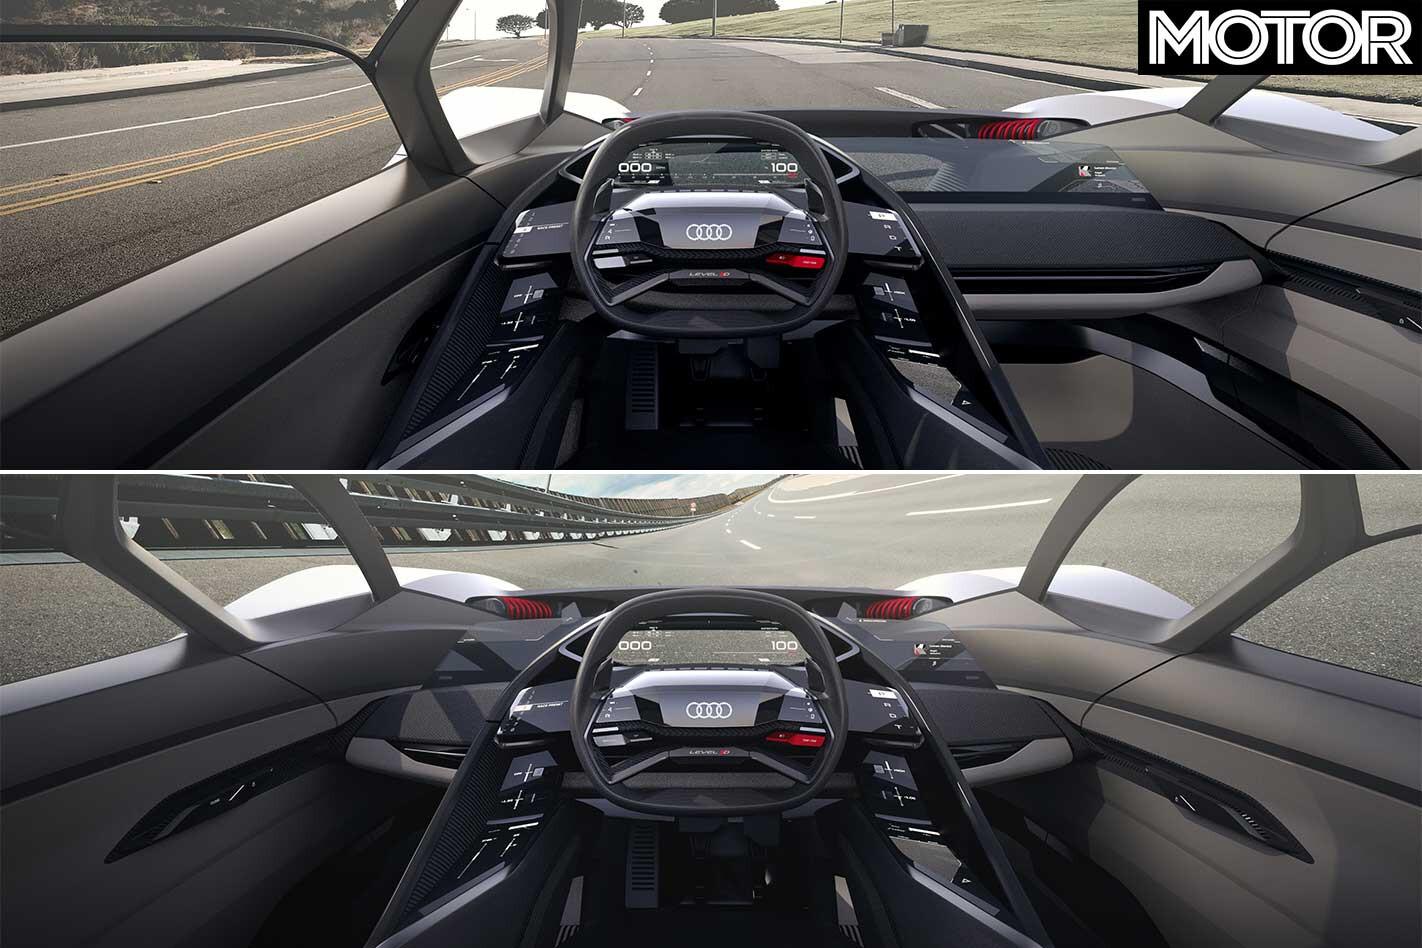 Audi PB 18 E Tron Concept Cockpit Jpg